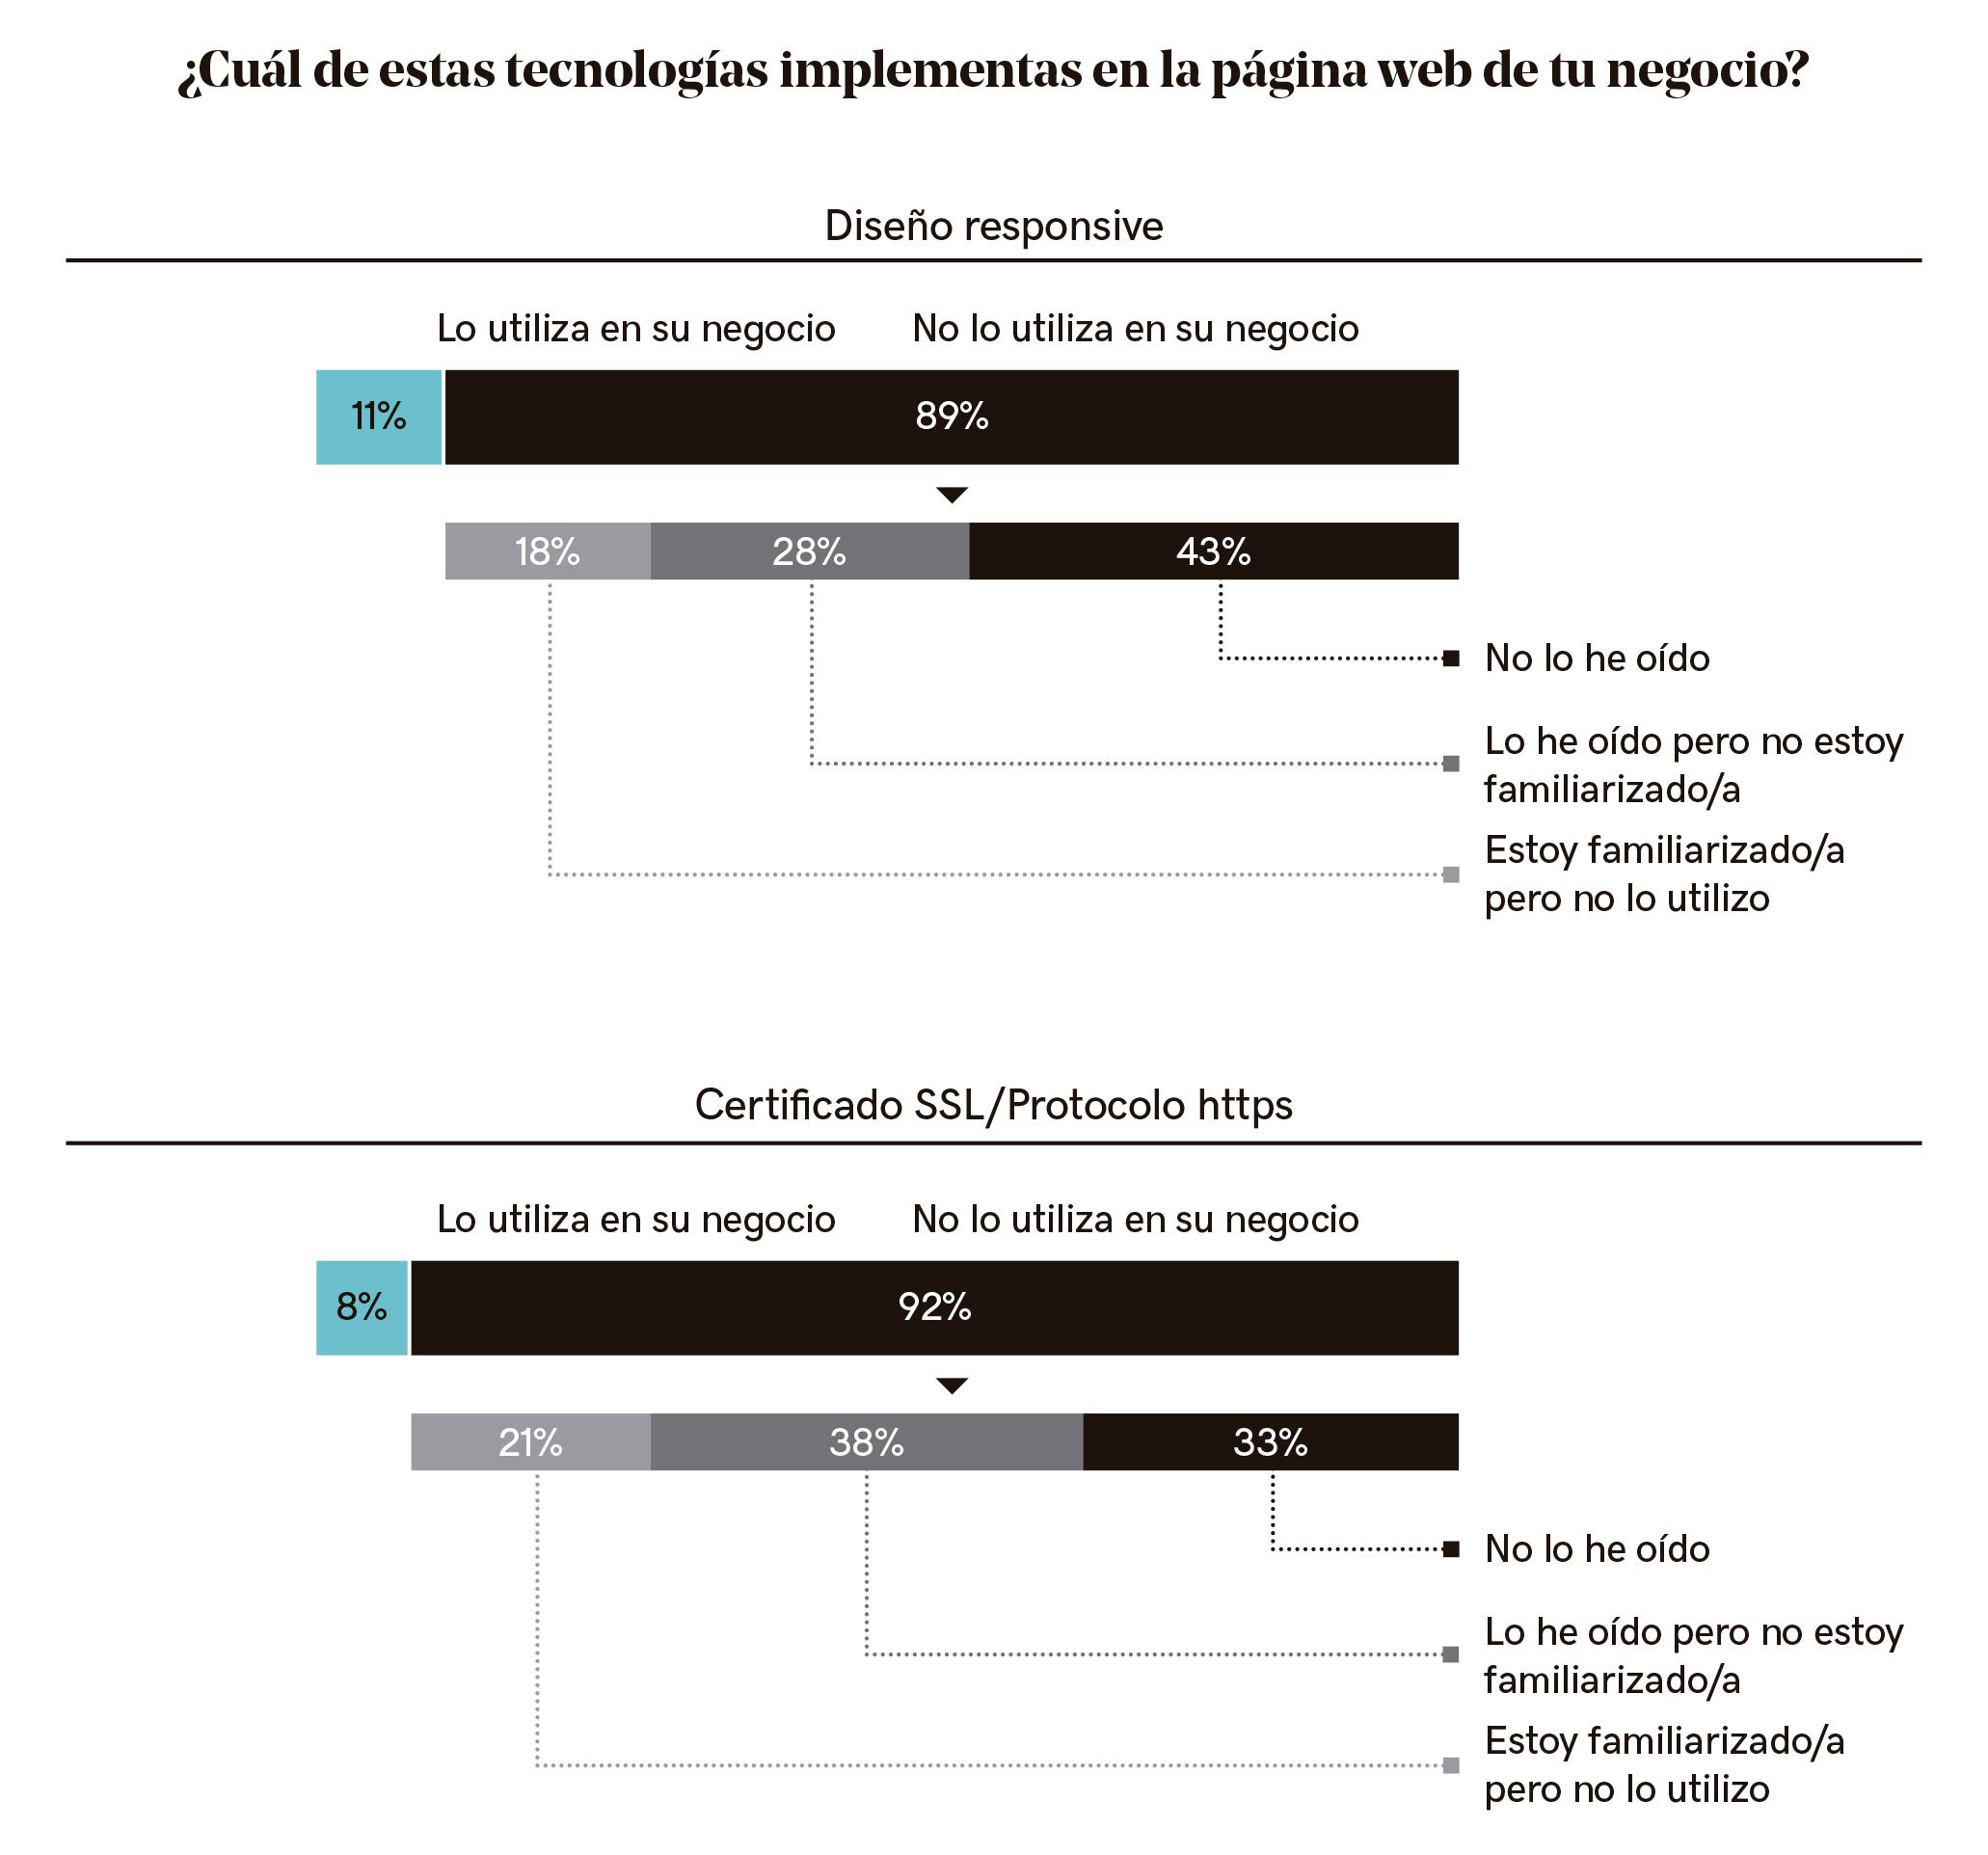 Tecnologías implementadas en las pymes españolas